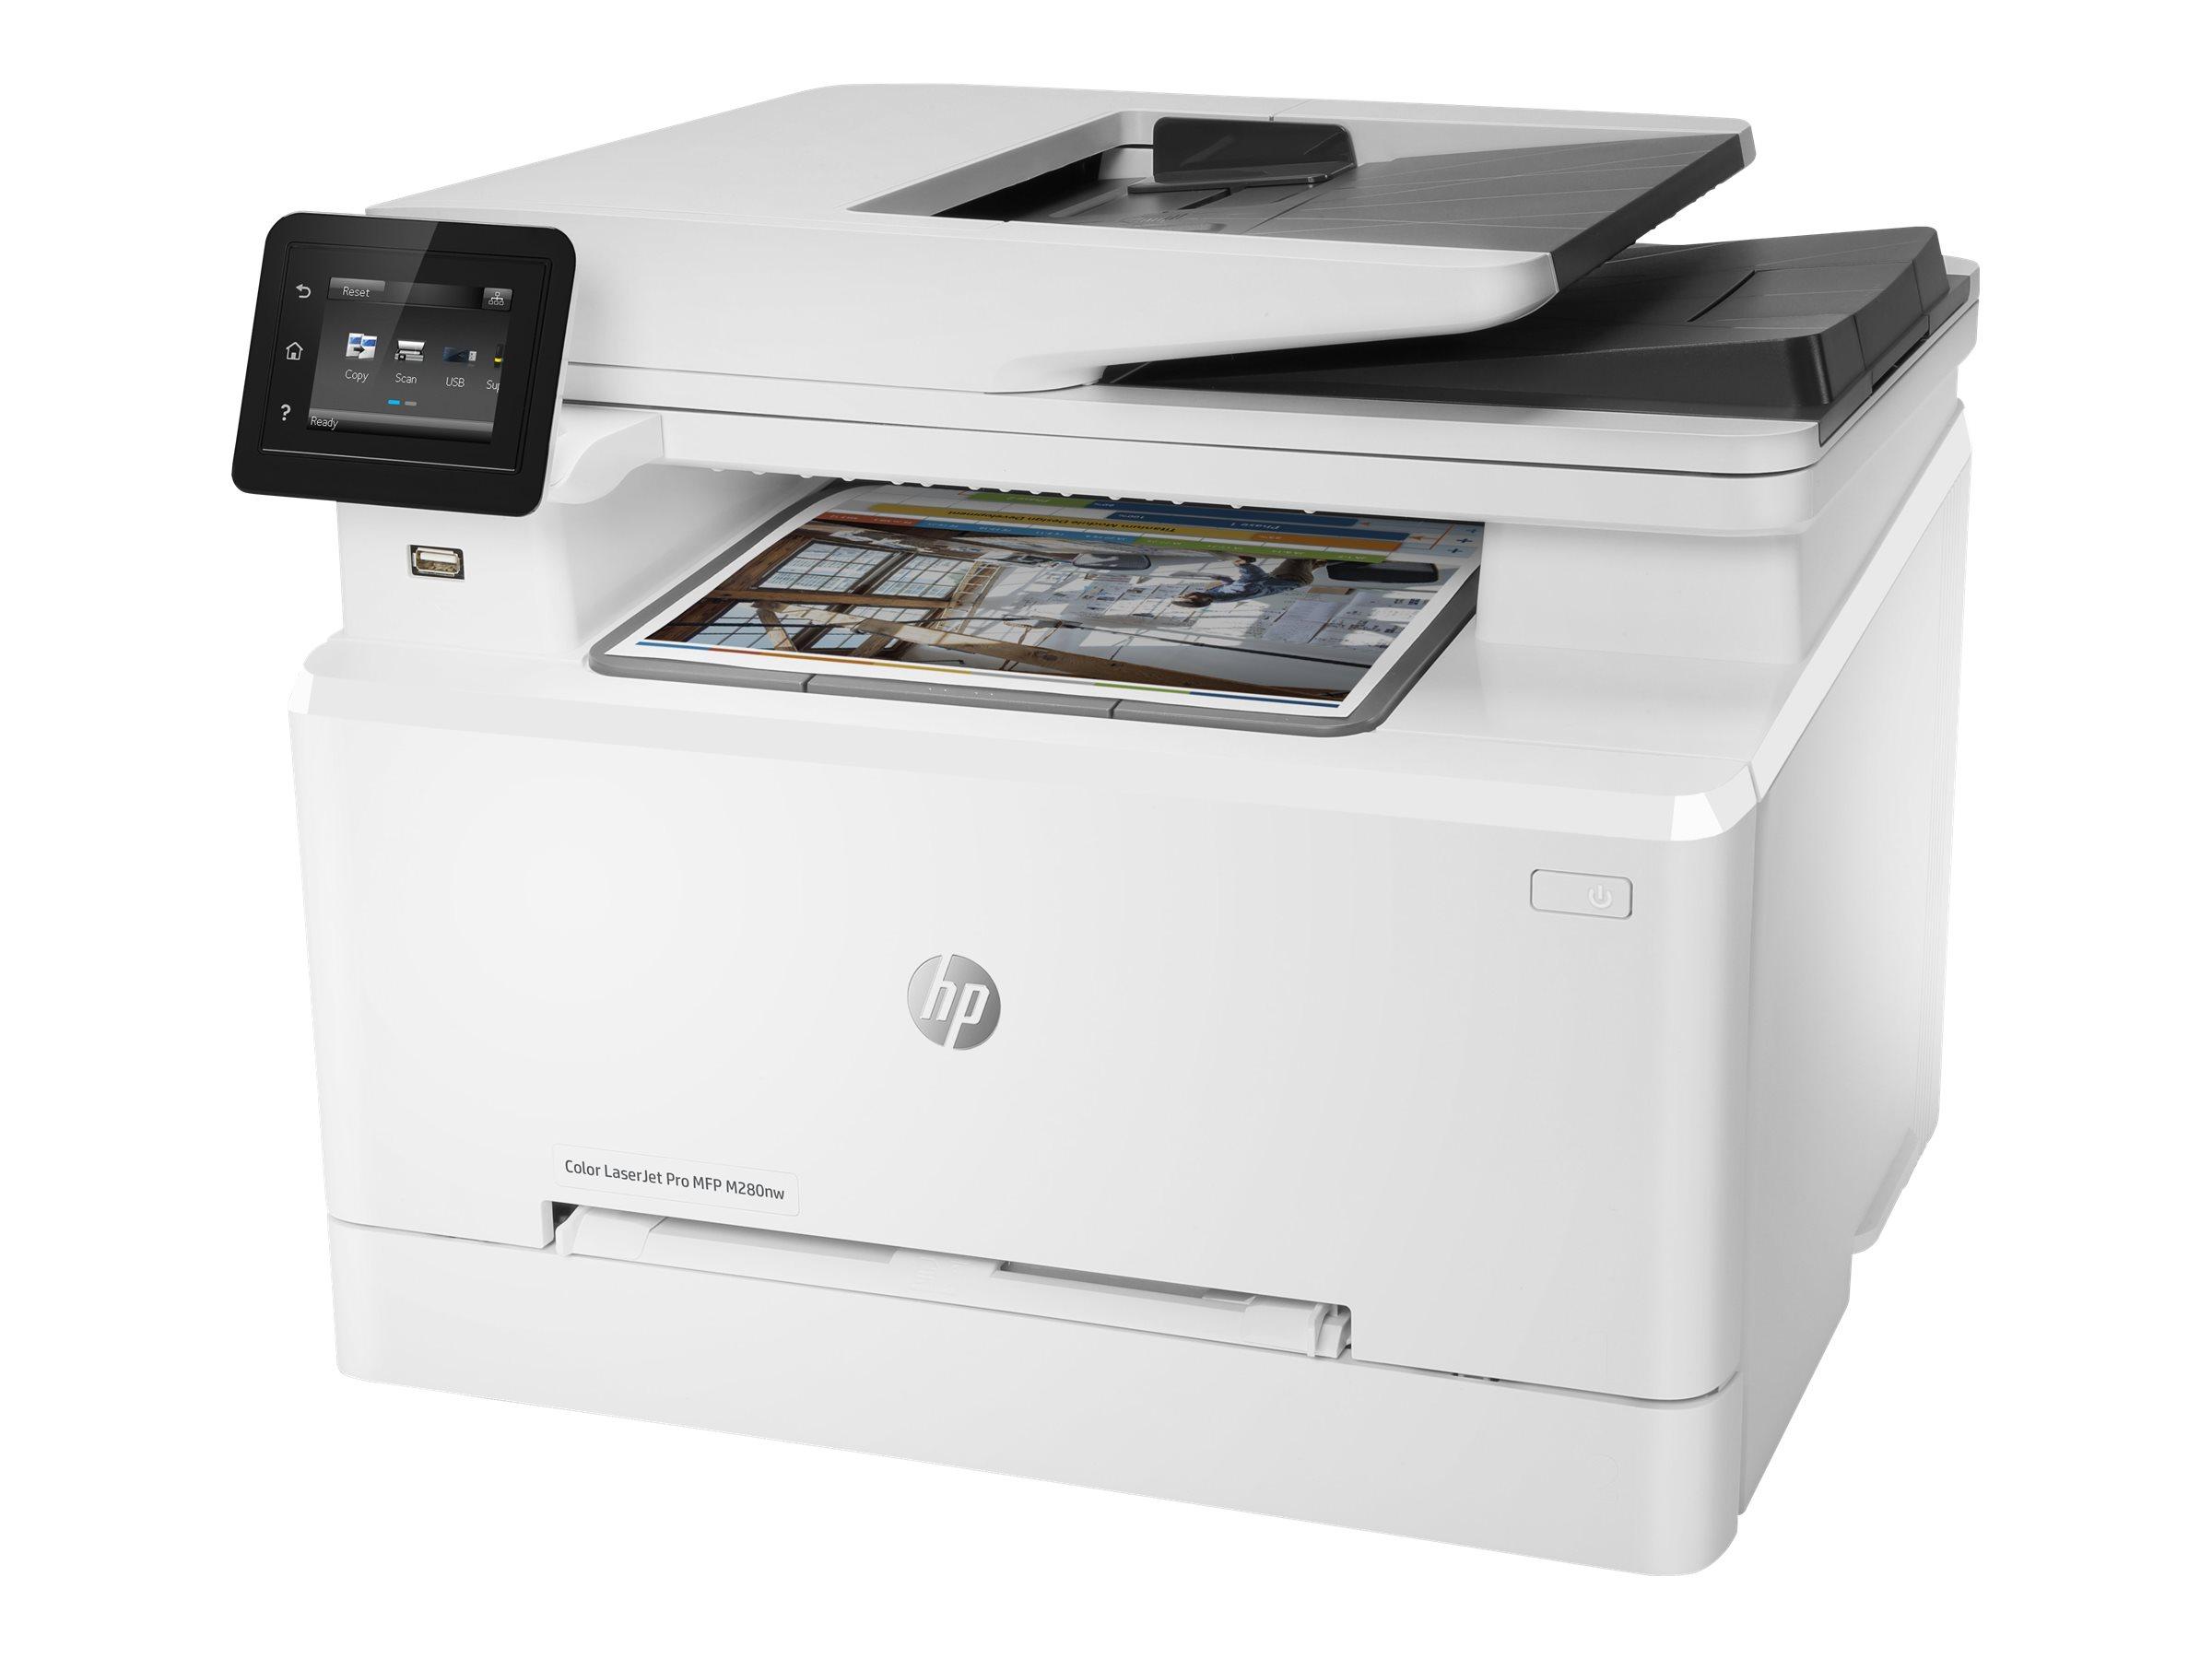 HP Color LaserJet Pro MFP M280nw - imprimante multifonctions - couleur - laser